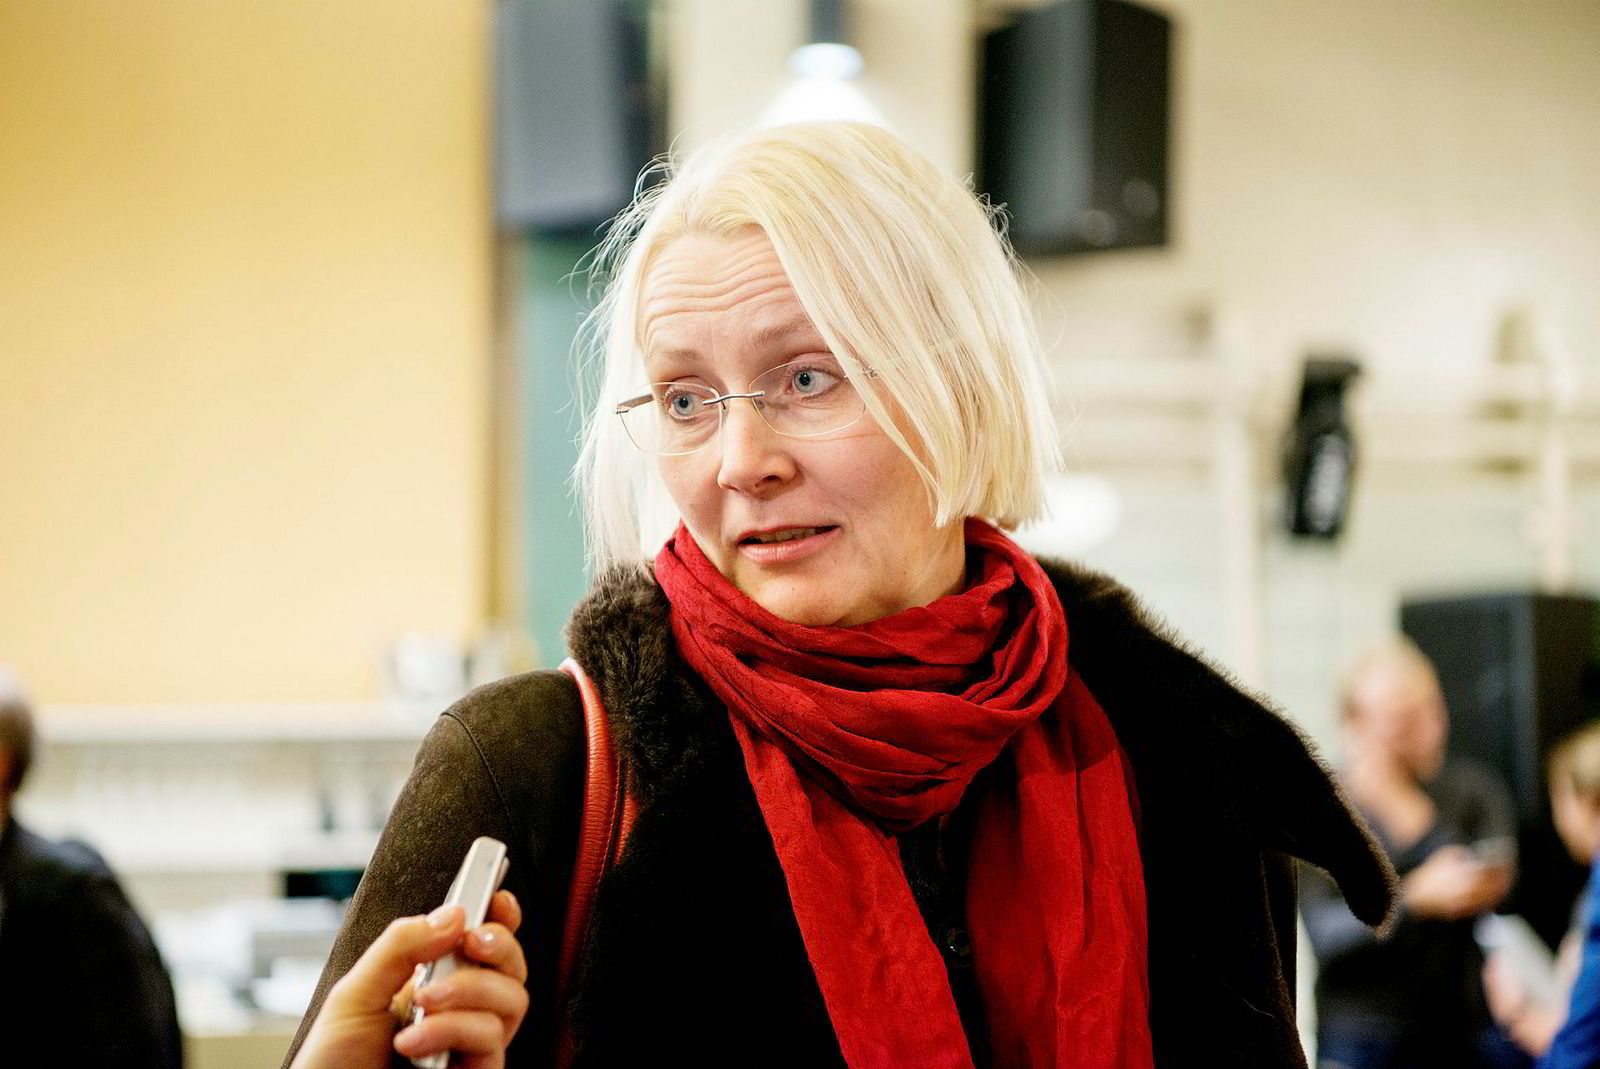 Førsteamanuensis Anniken Hagelund ved Institutt for sosiologi og samfunnsgeografi på Universitetet i Oslo (UiO).